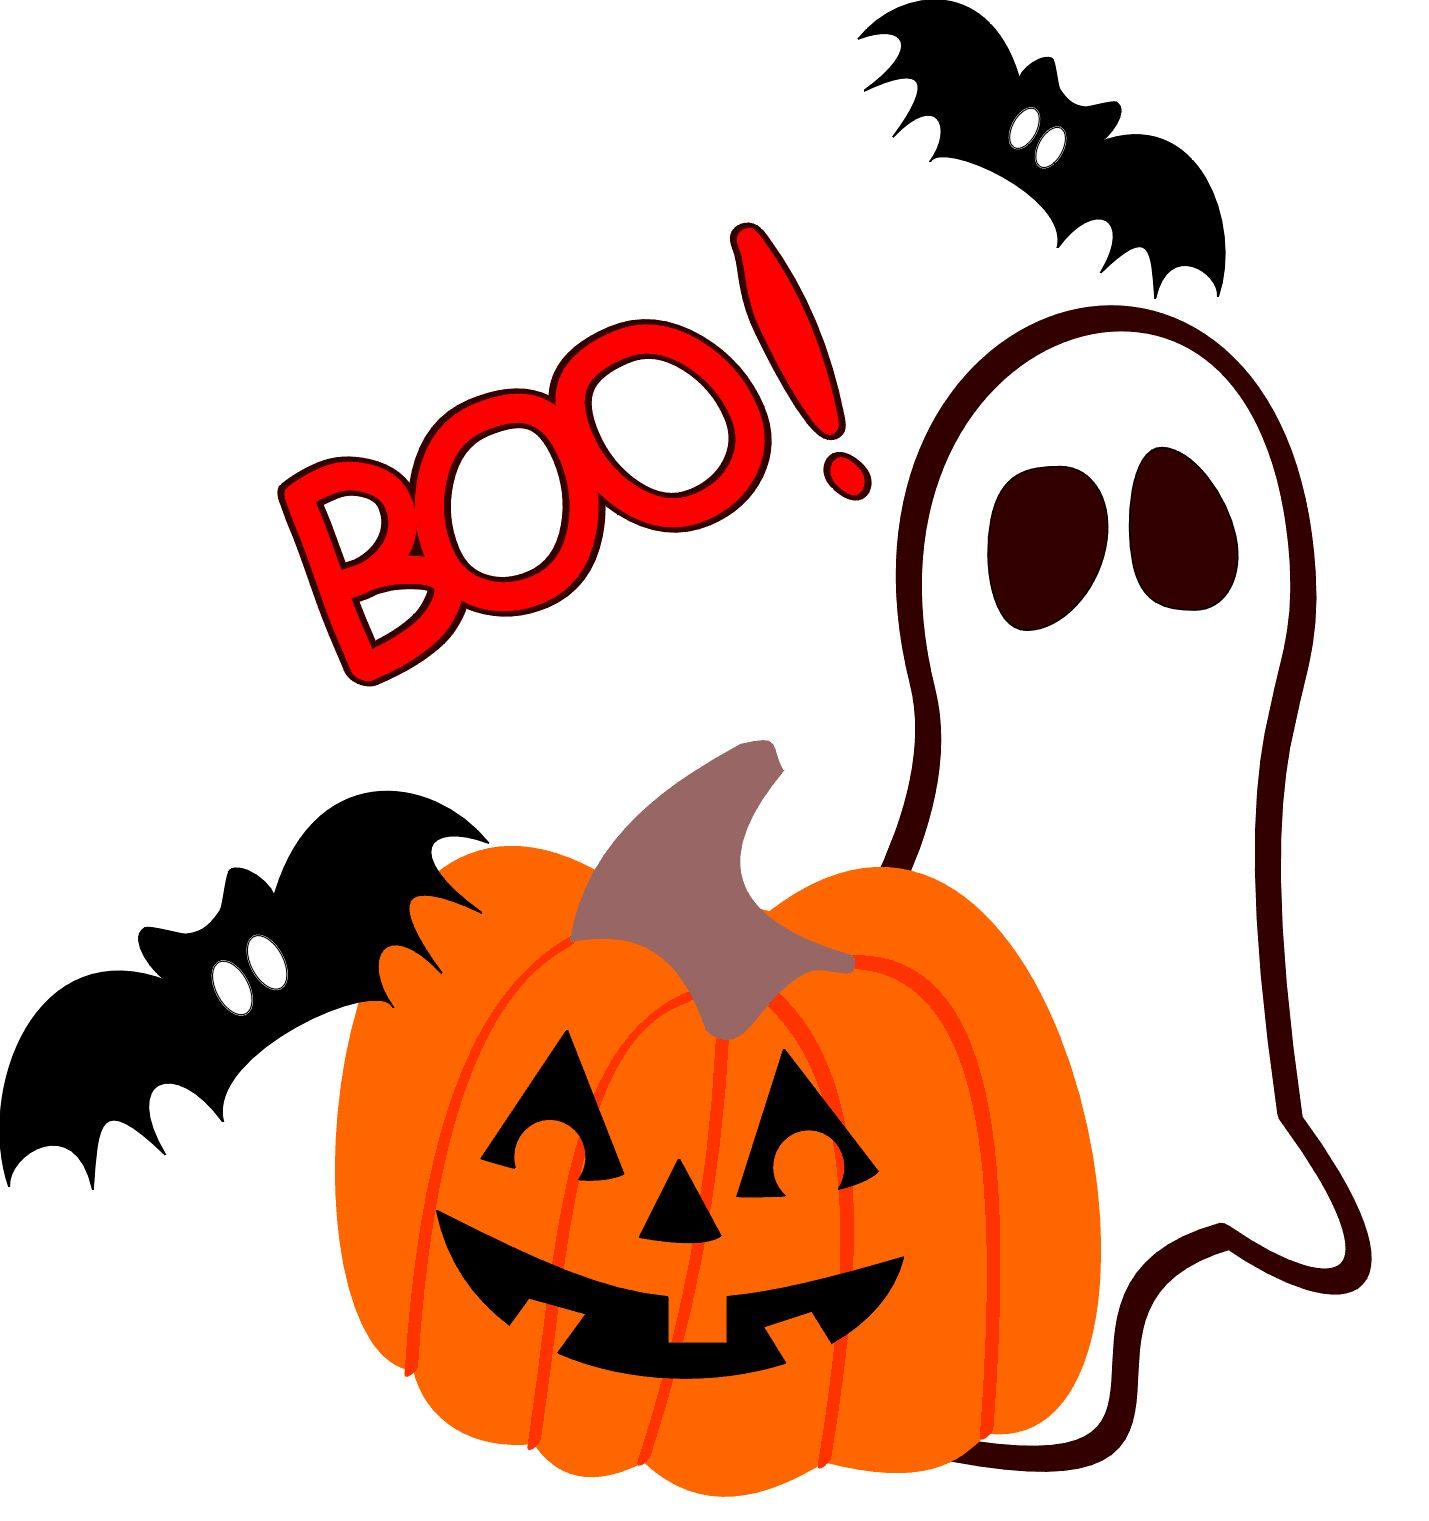 Boo Boo Face Clipart.